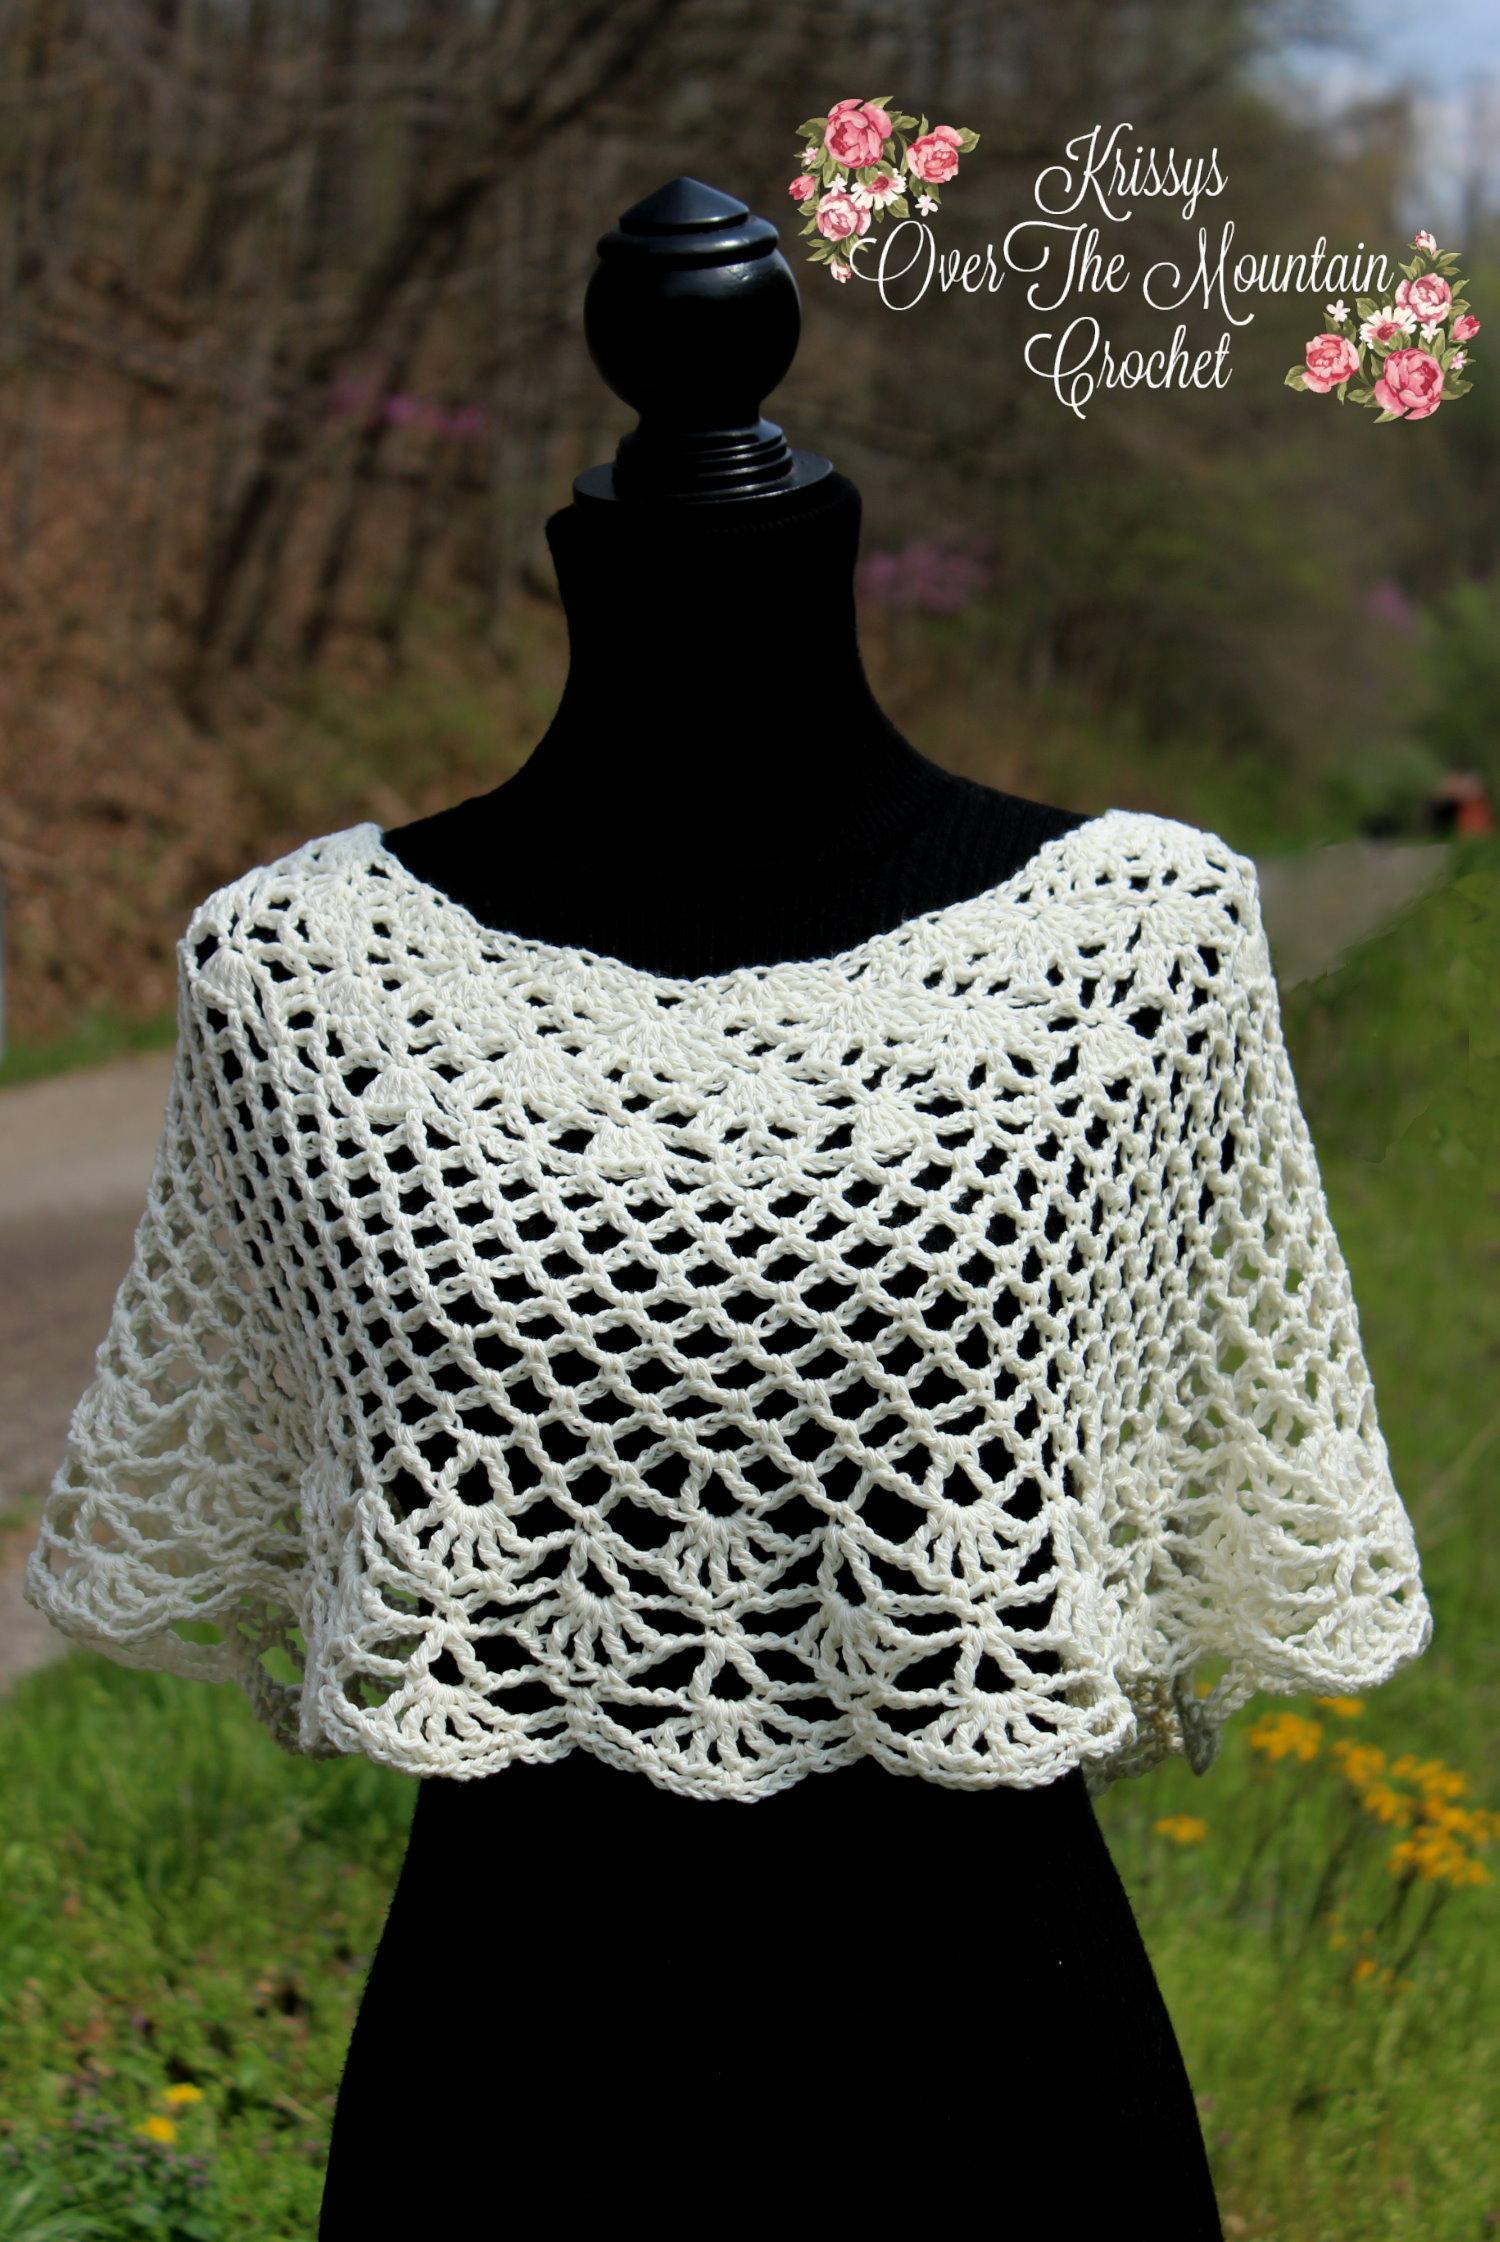 capelet crochet pattern